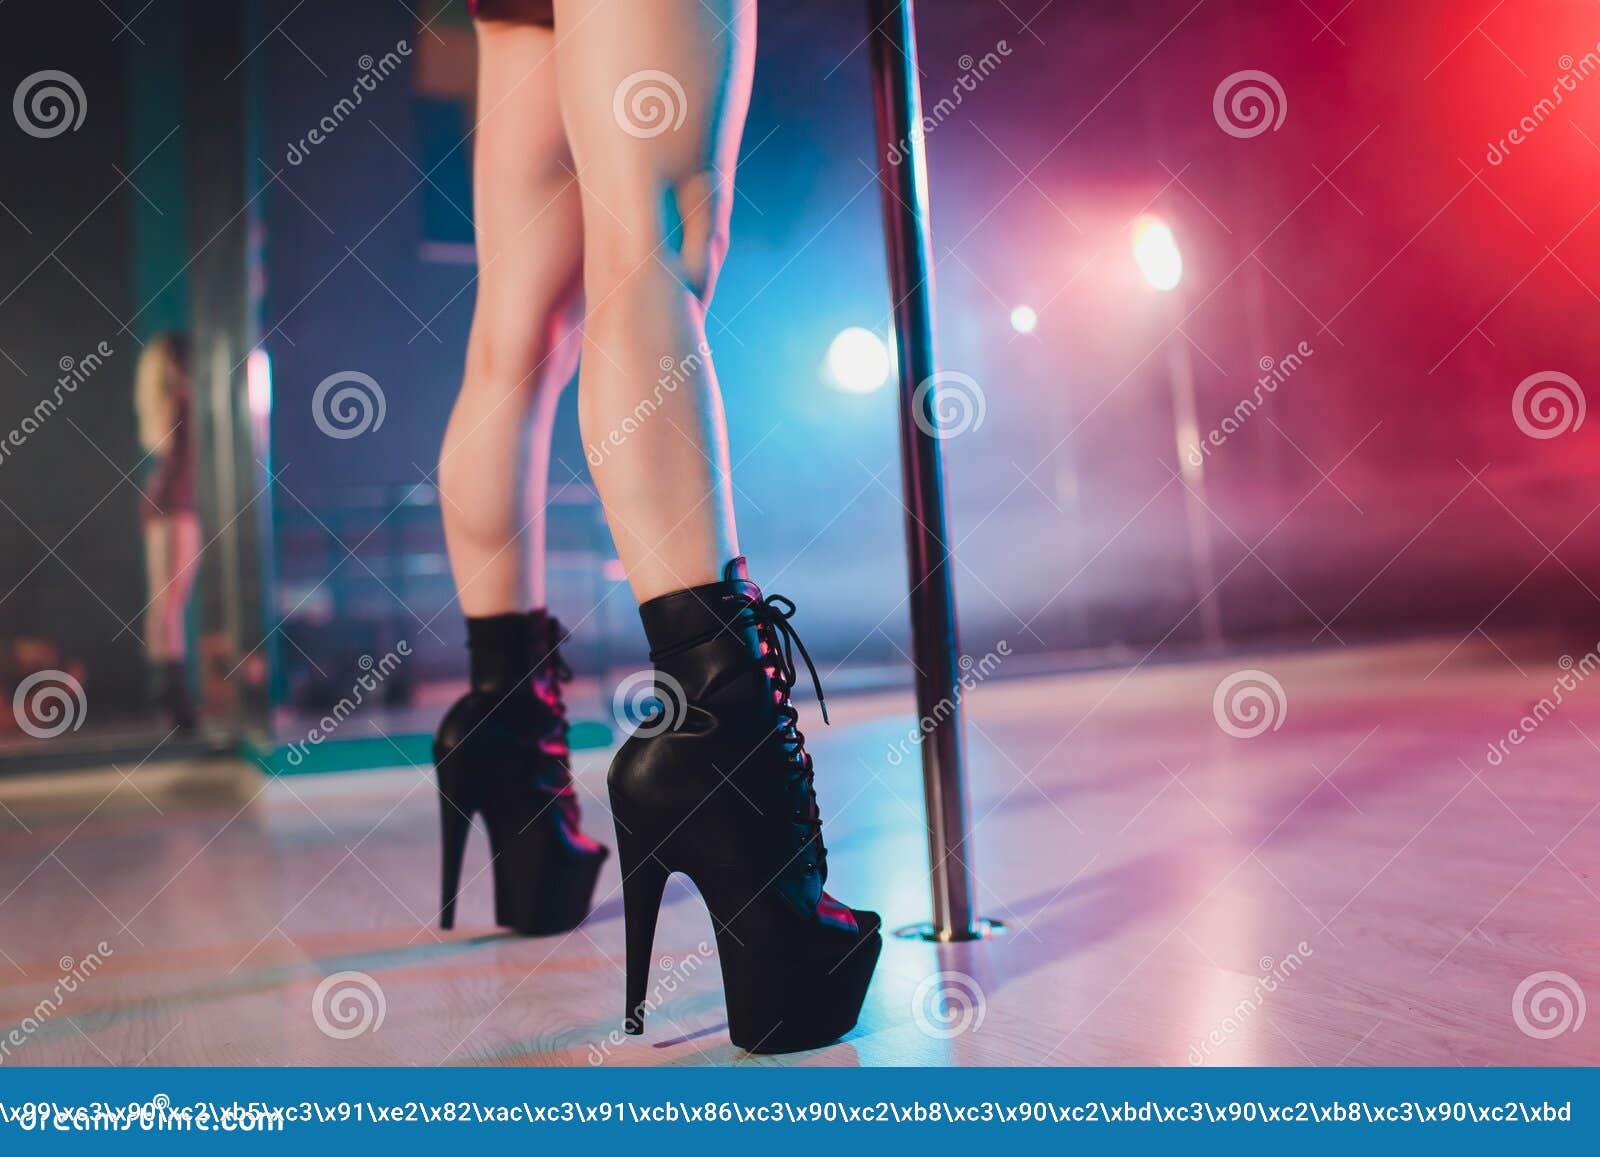 видео стриптиз в клубе скачать бесплатно